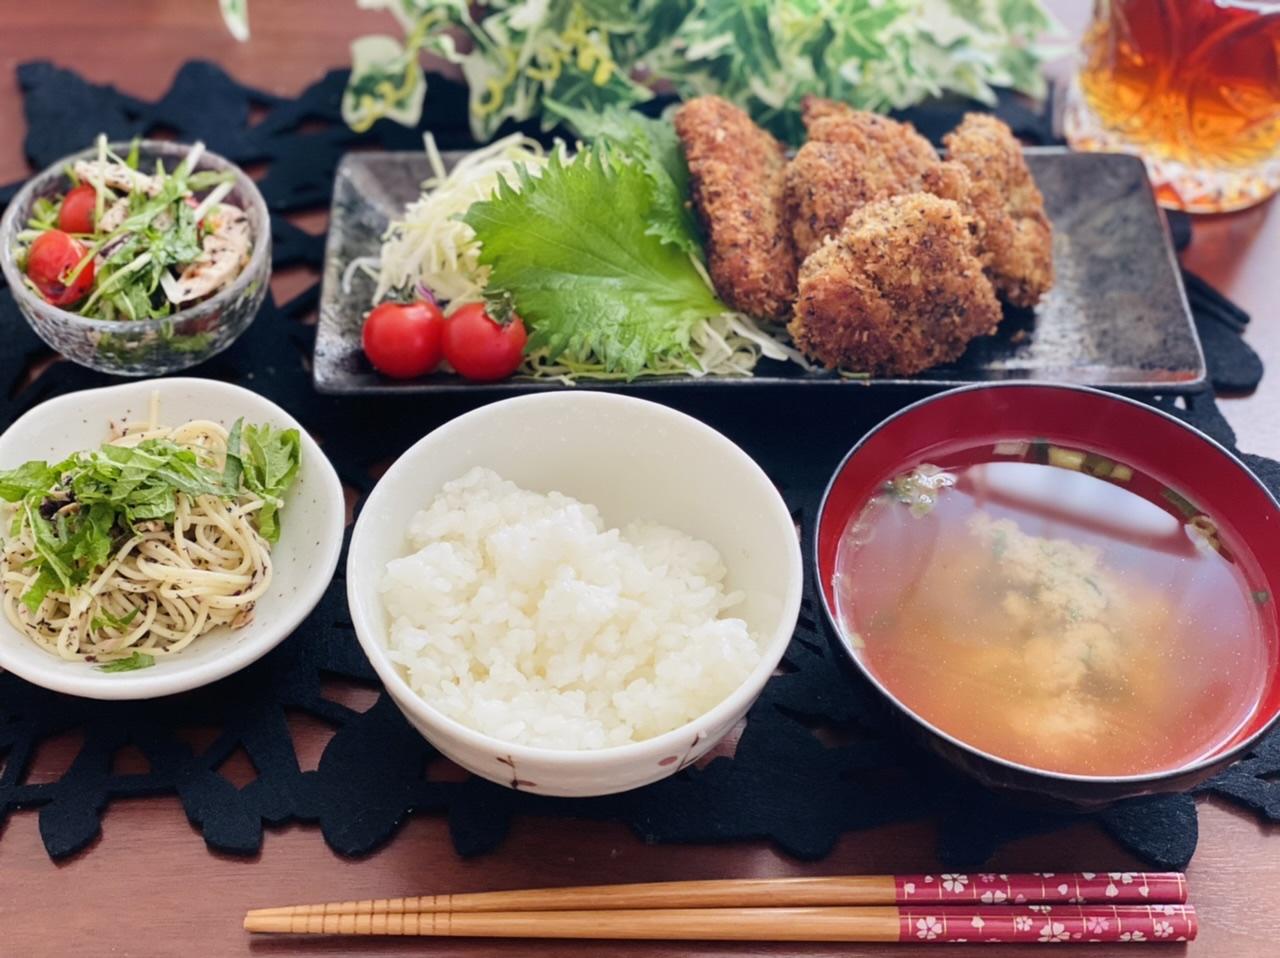 【今月のお家ごはん】アラサー女子の食卓!作り置きおかずでラク晩ご飯♡-Vol.25-_9